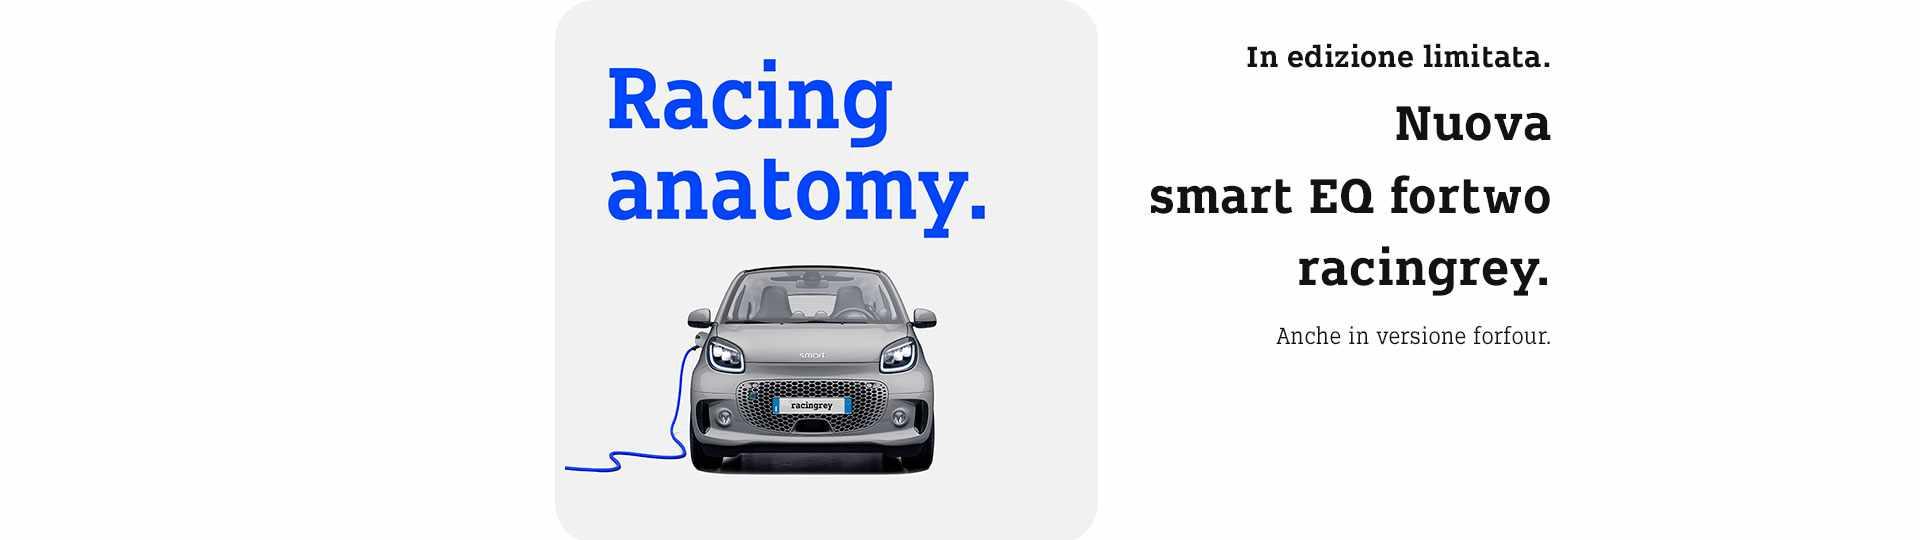 header_smart_racyngrey_aprile_2021.jpg